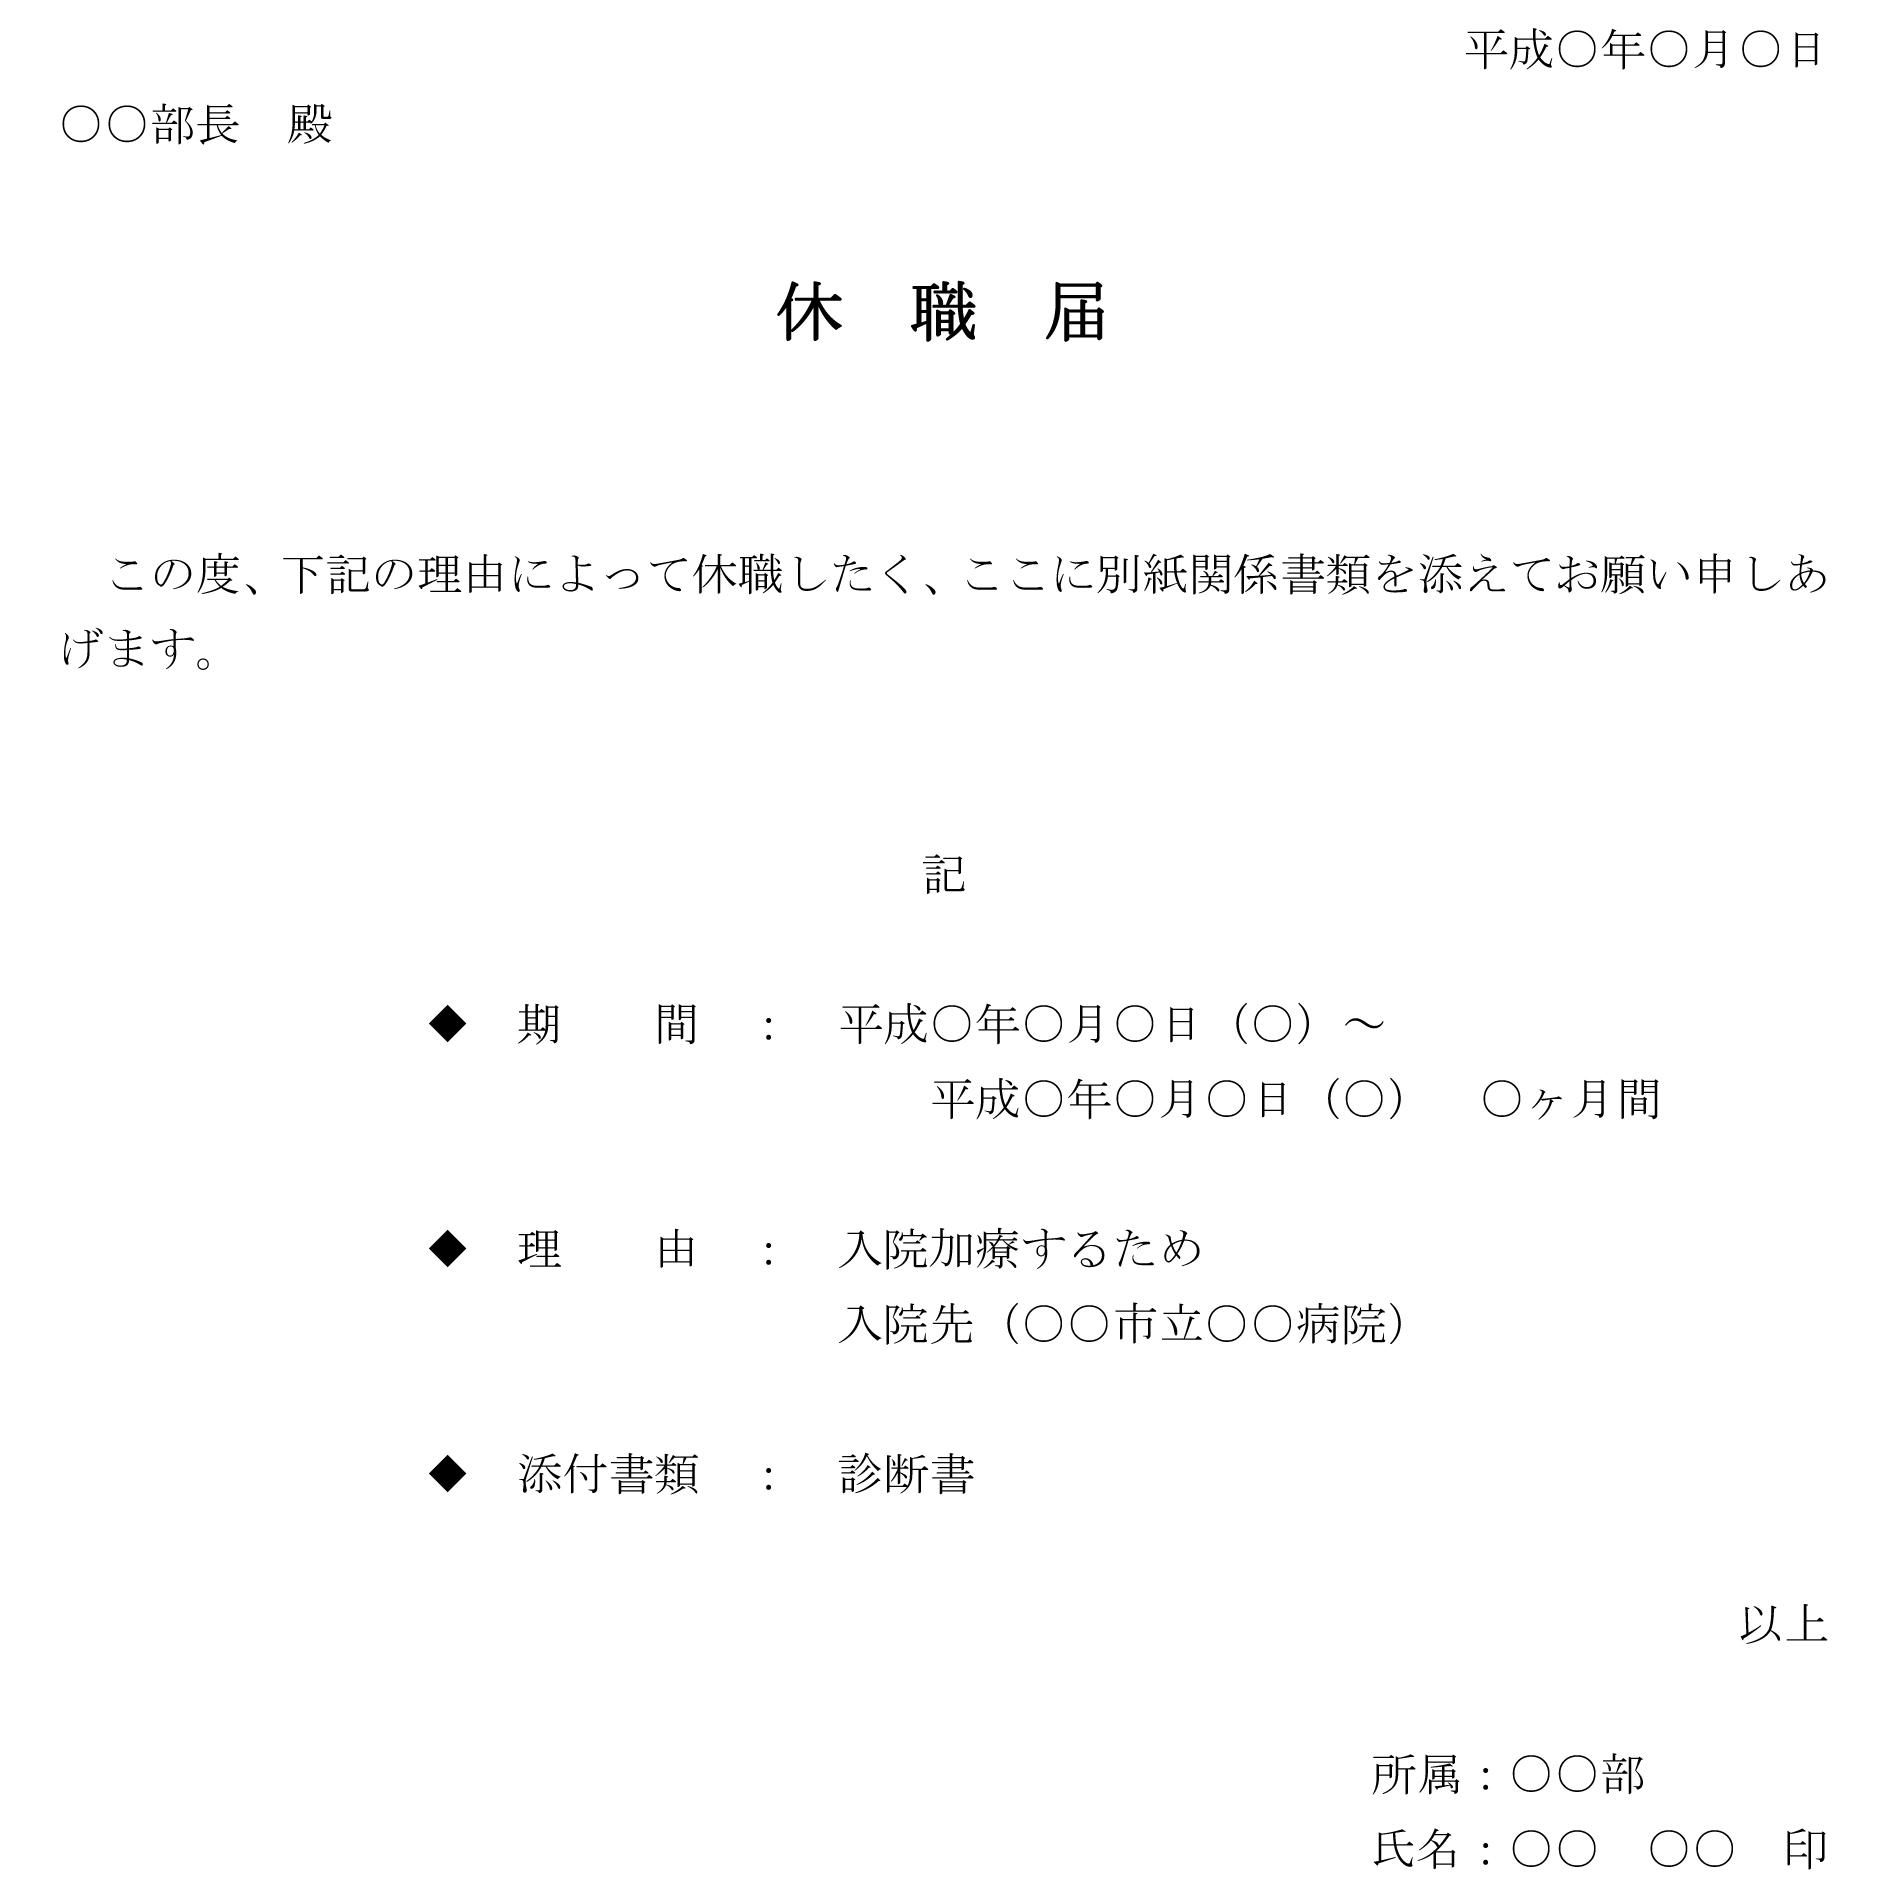 休職届02